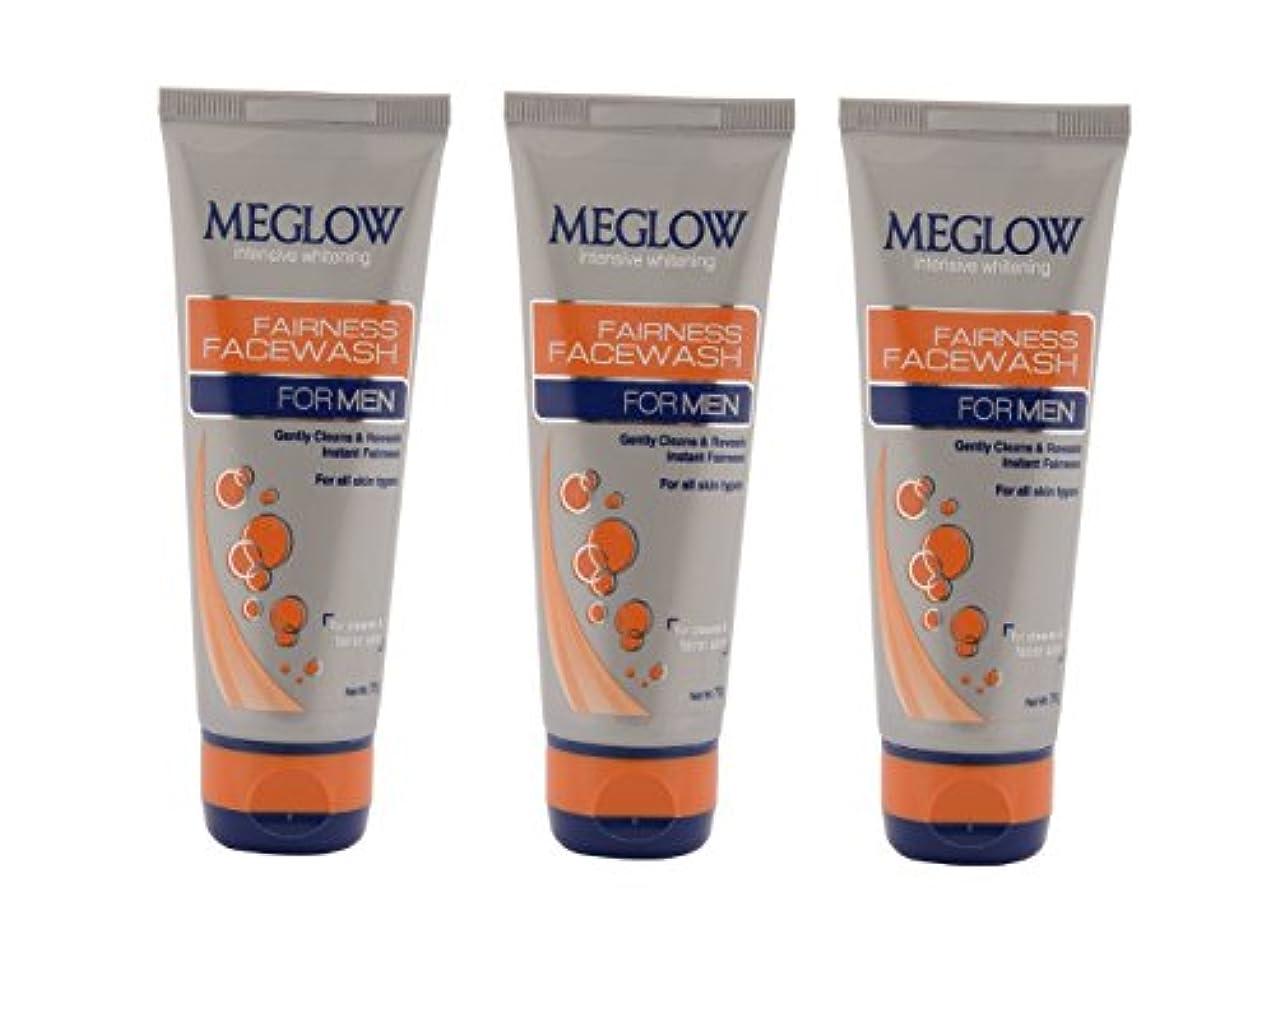 あさり蜜レンドMeglow Intensive Whitening Fairness Face Wash For Men 70 G (Pack of 3)